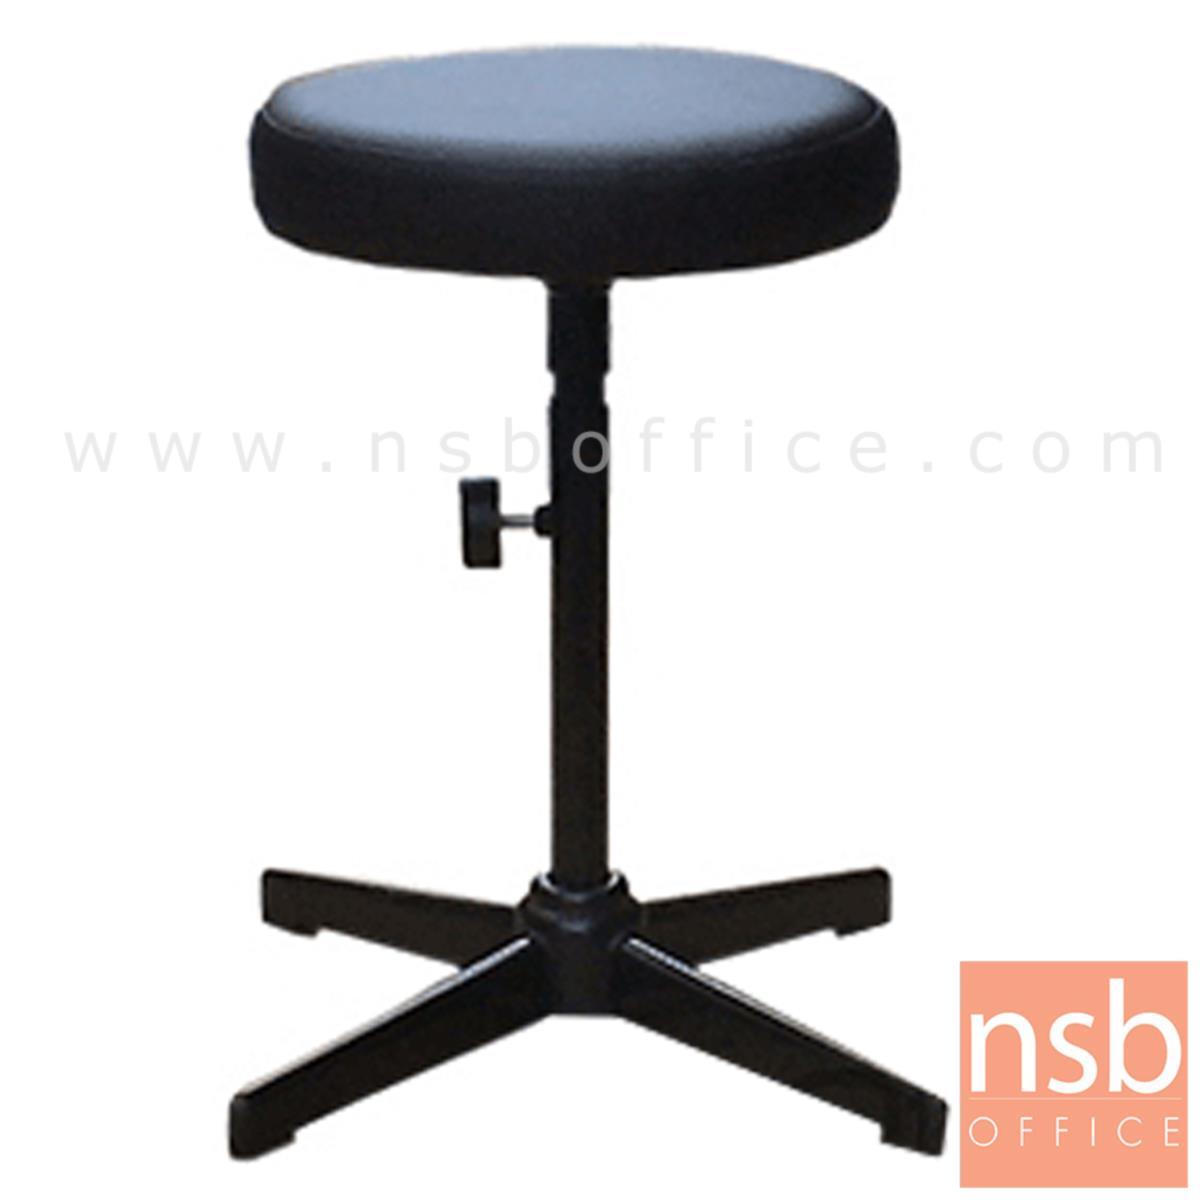 B09A070:เก้าอี้บาร์สตูลที่นั่งกลม รุ่น Lilybelle (ลิลลี่เบล)  ขาเหล็กพ่นดำ 4 แฉก